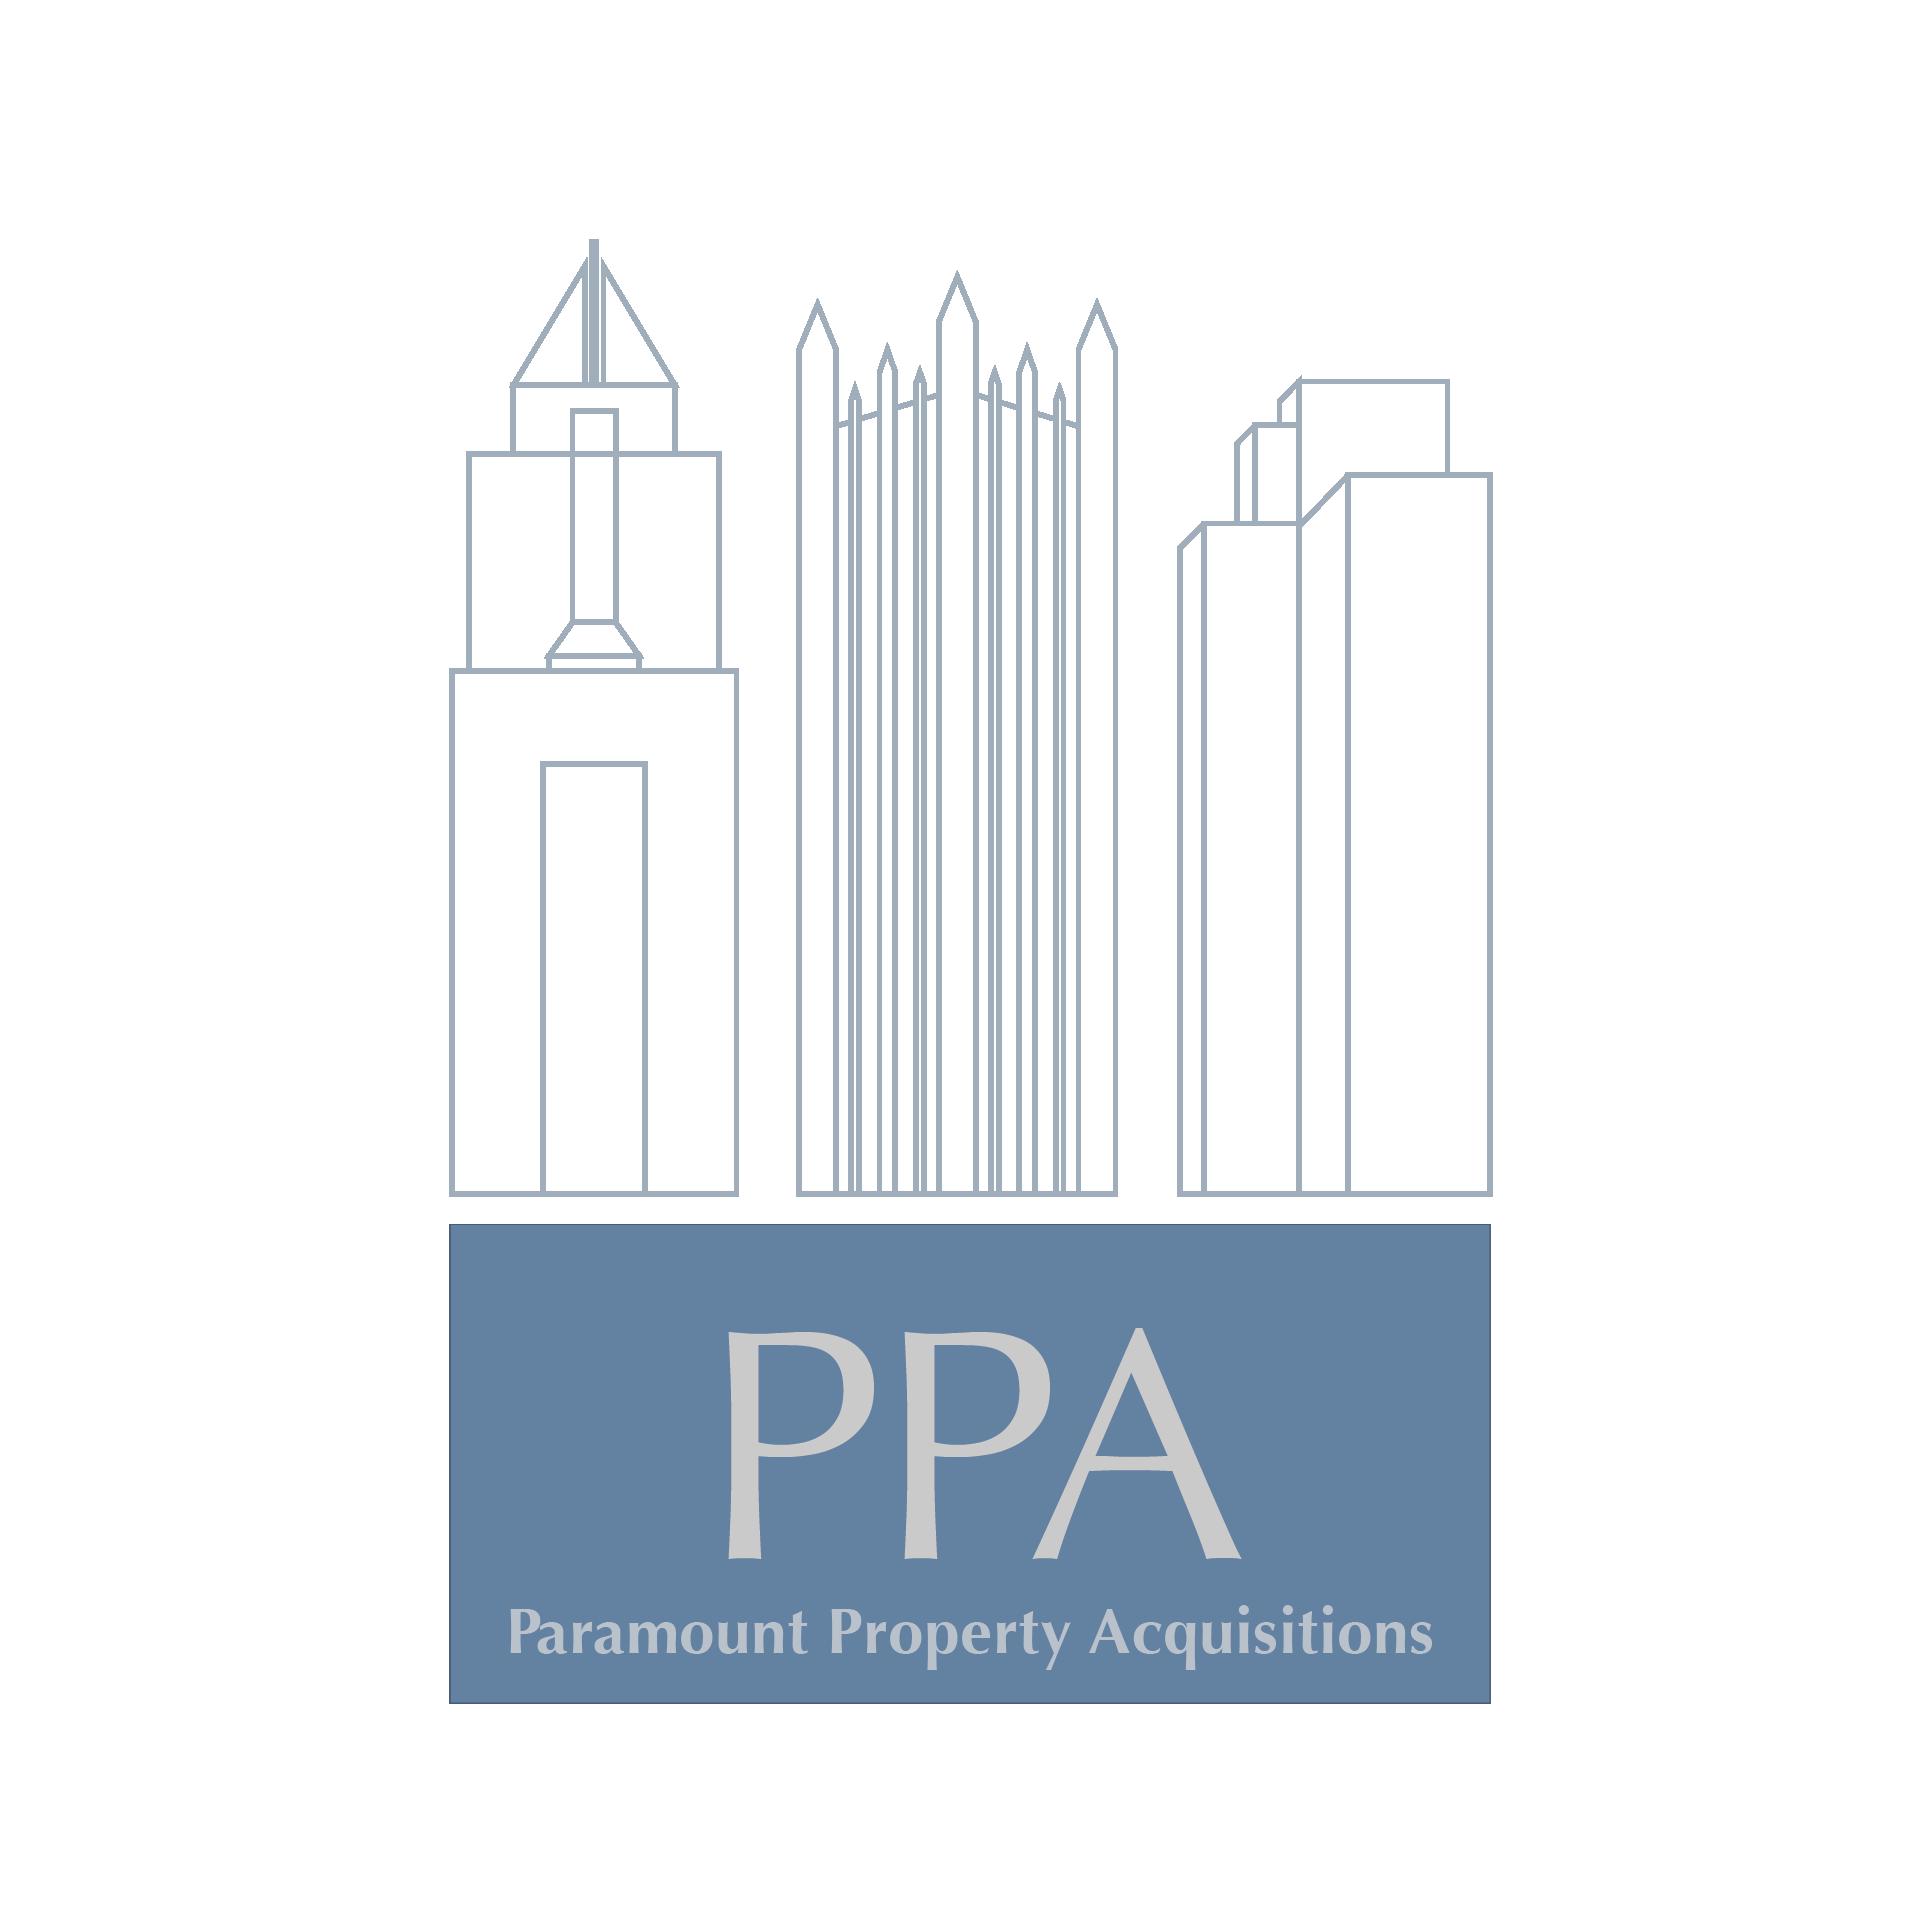 PPA_FinaLogo-16.png